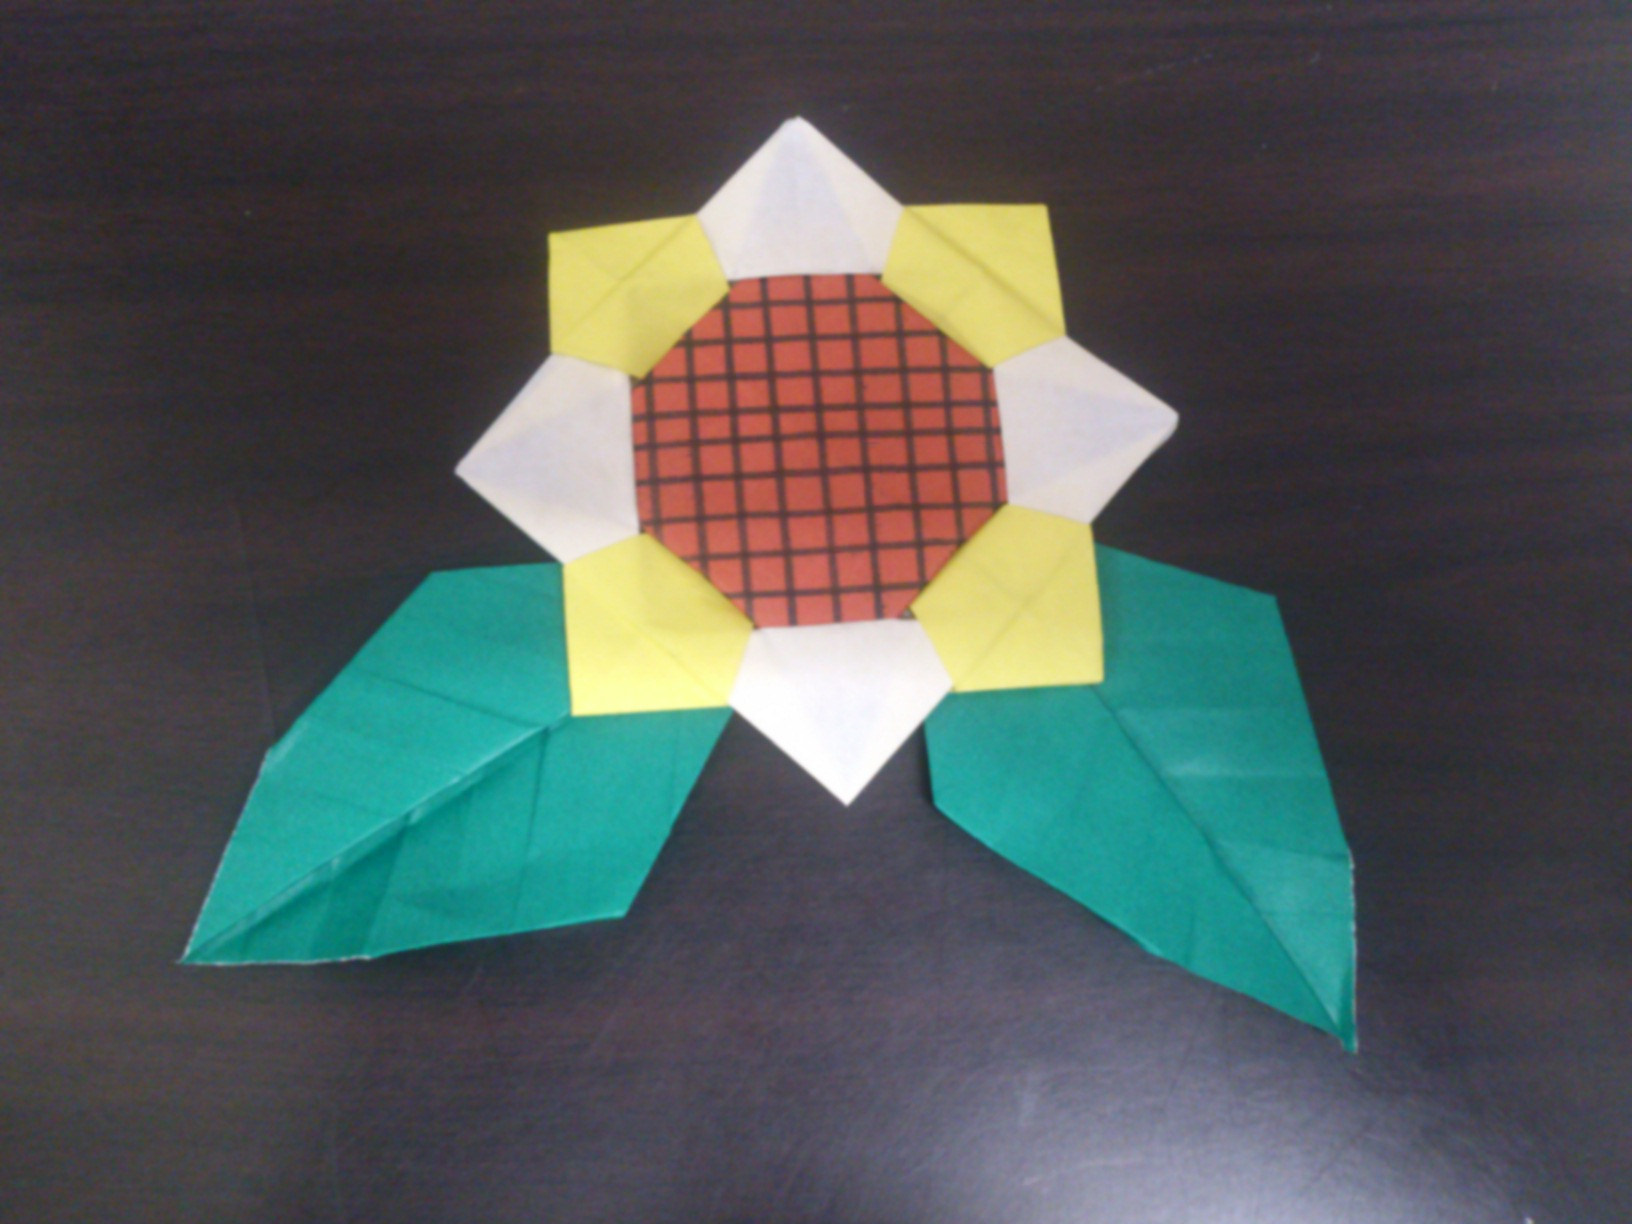 すべての折り紙 折り紙 花 ひまわり : 折り紙のひまわりの折り方 ...